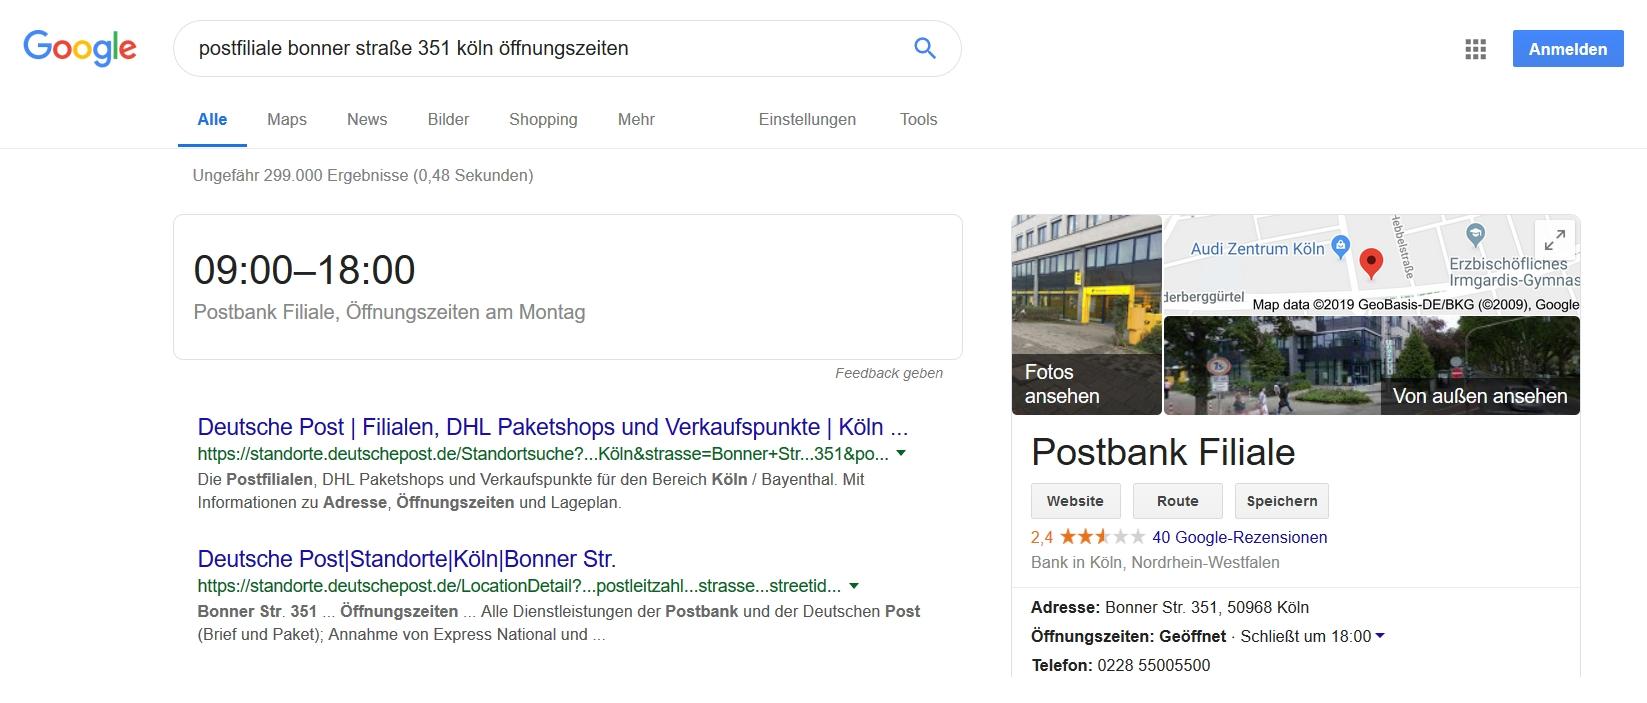 Screenshot von Google mit Öffnungszeiten